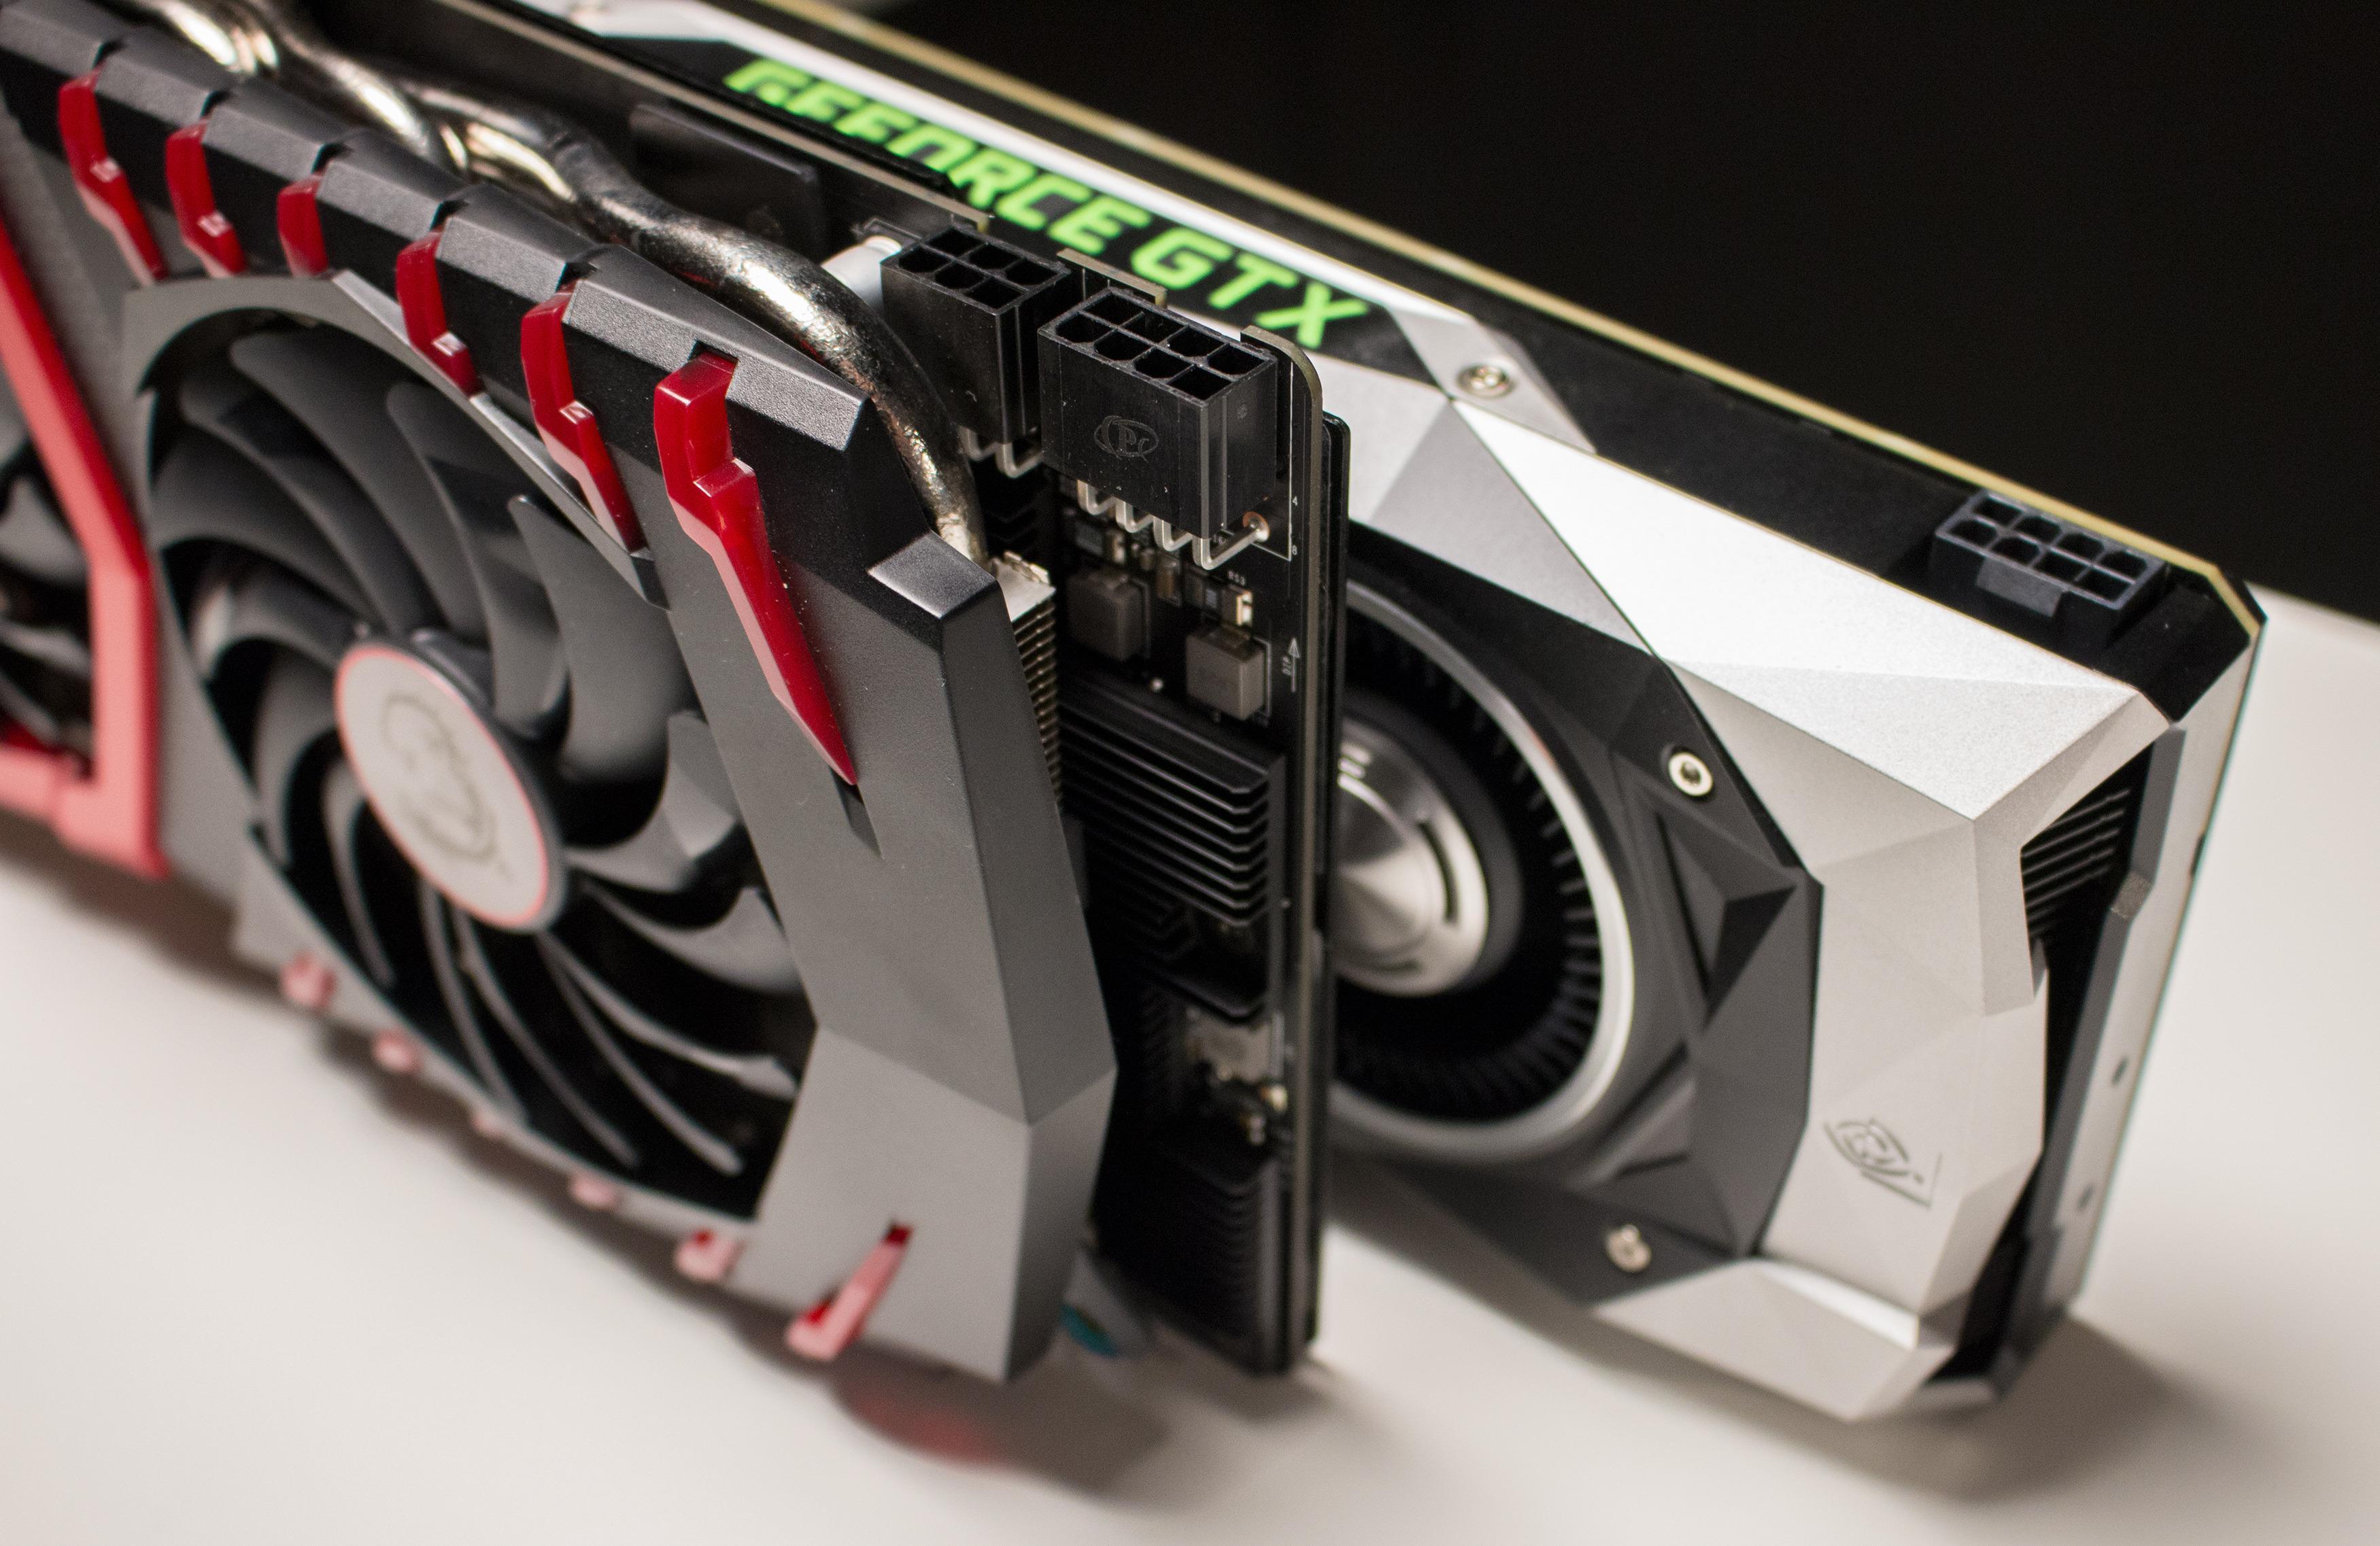 MSI GTX 1080 Gaming X har en ekstra PCIe 6-pinkontakt tilgjengelig. Dette skal hjelpe kortet med å nå høyere frekvenser ved overklokking.